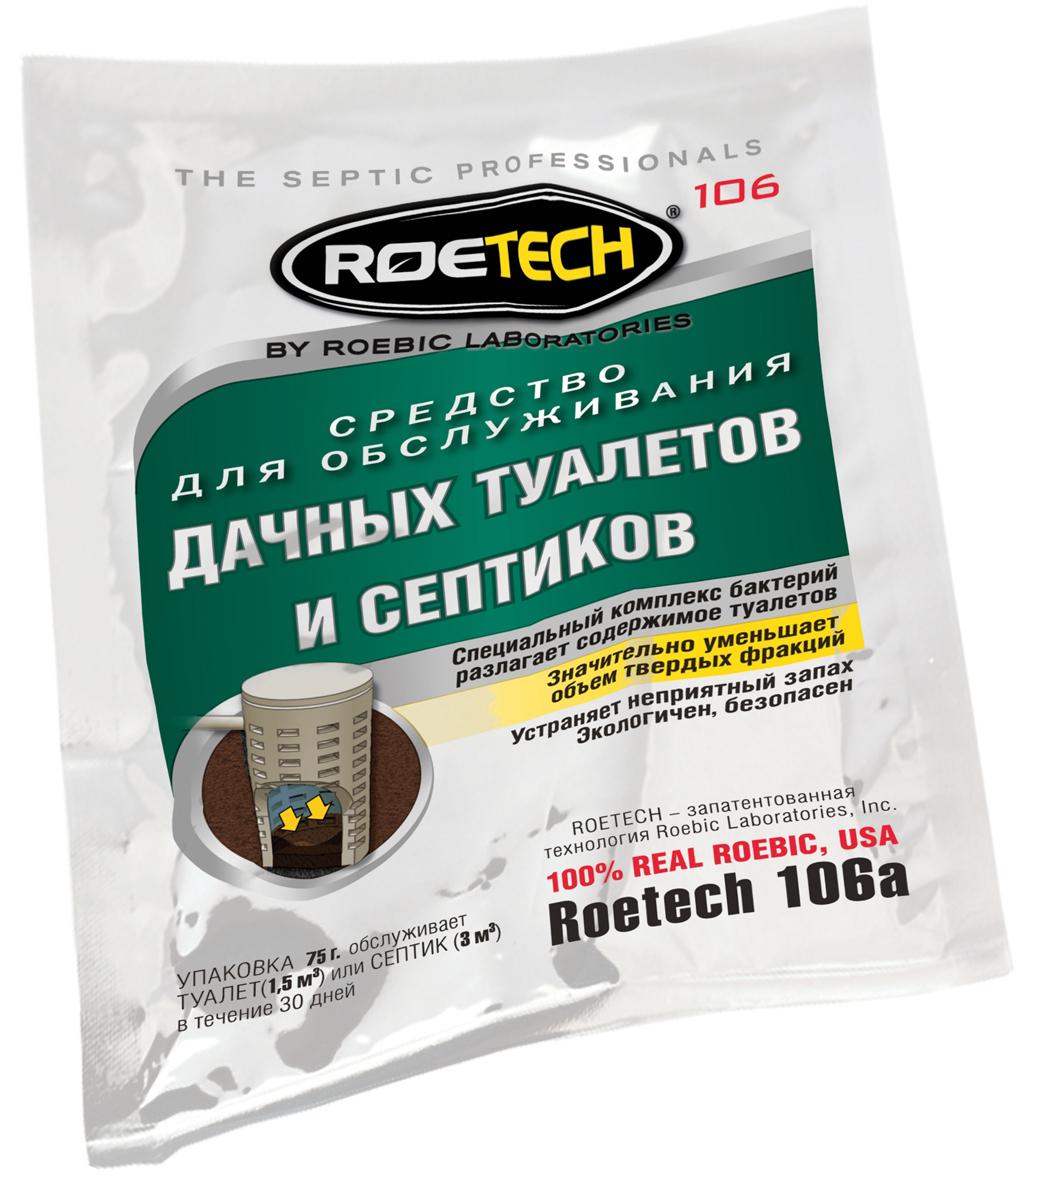 Средство Roetech для обслуживания дачных туалетов и септиков, 75 г106аДоступное и мощное средство Roetech предназначено для разложения содержимого выгребных ям туалетов и септиков. Значительно уменьшает объем твердых фракций. Устраняет неприятный запах. Экологичен, безопасен. Обслуживает туалет (1,5 м3) или септик (3 м3) в течение 30 дней.Состав: смесь бактерий и ферментов бактериального происхождения, порошок.Товар сертифицирован.